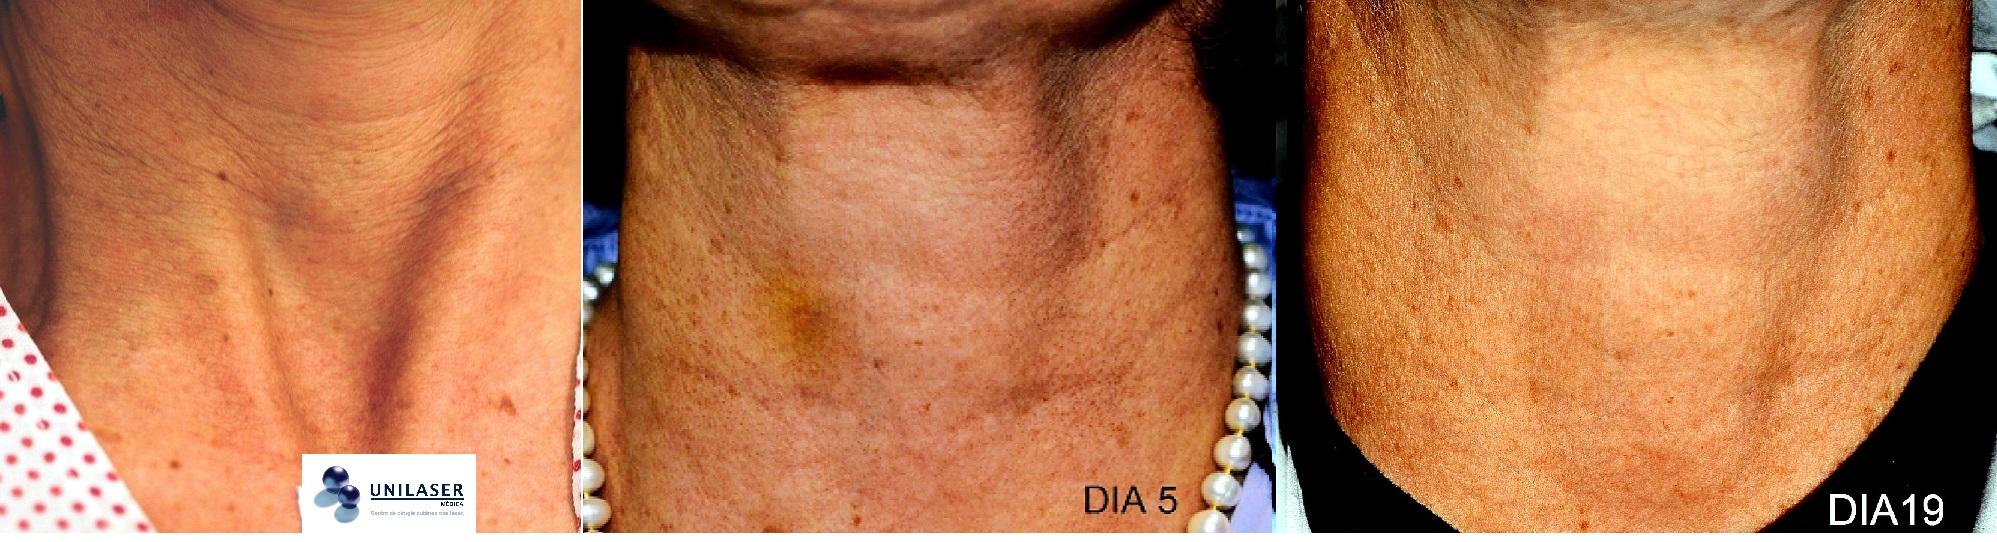 Tratamiento combinado rellenos y Fraxel para ritidosis del cuello